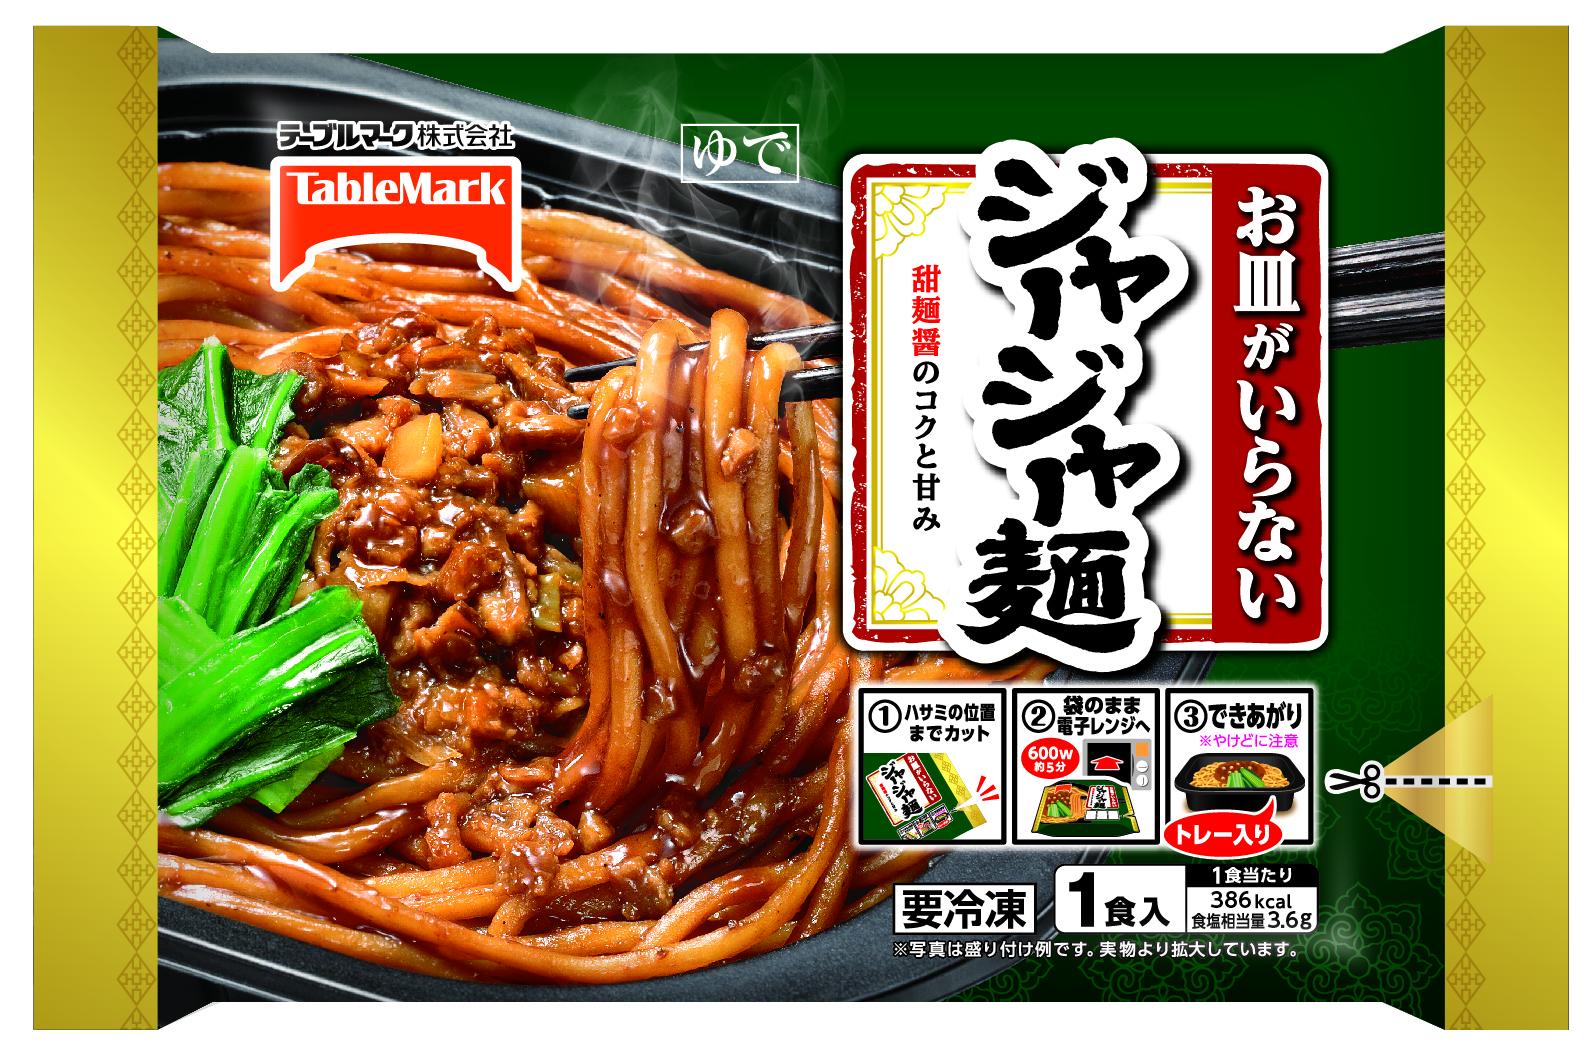 『お皿がいらない』ジャージャー麺と汁なし担々麺、テーブルマークから(ゴミも少なめ~)